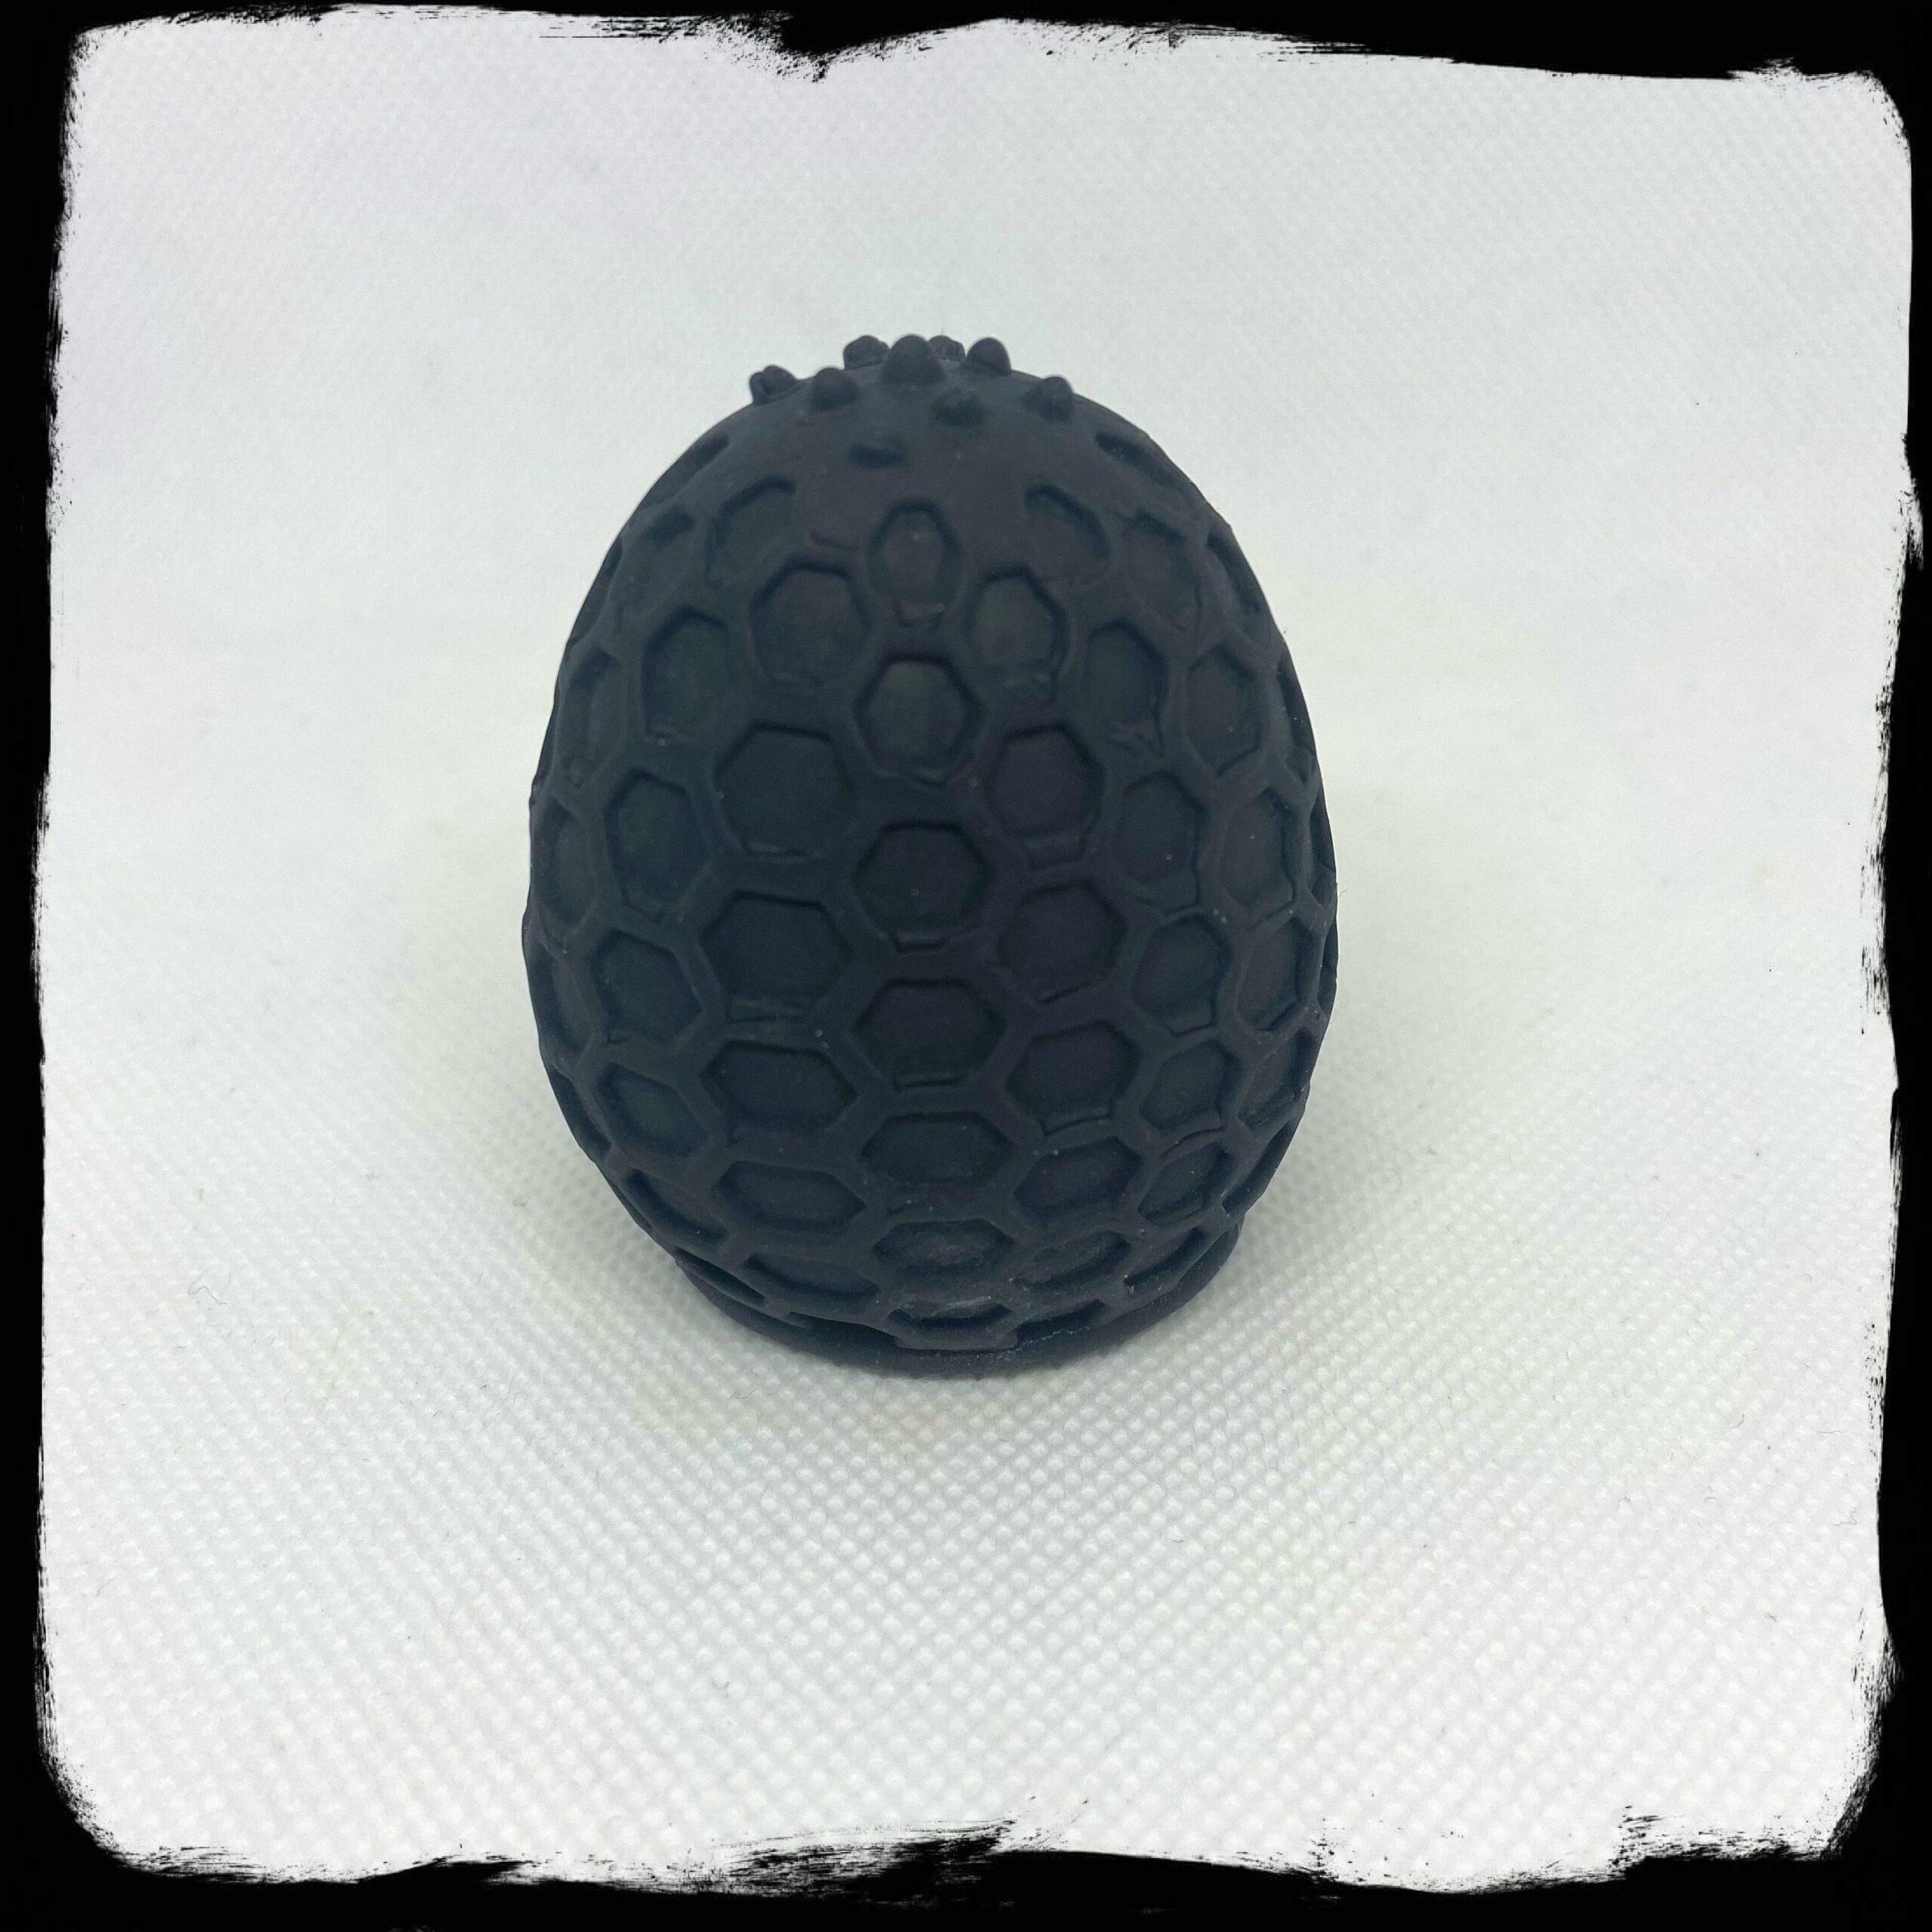 Een kleine masturbator, die wat lijkt op een Tenga eitje.